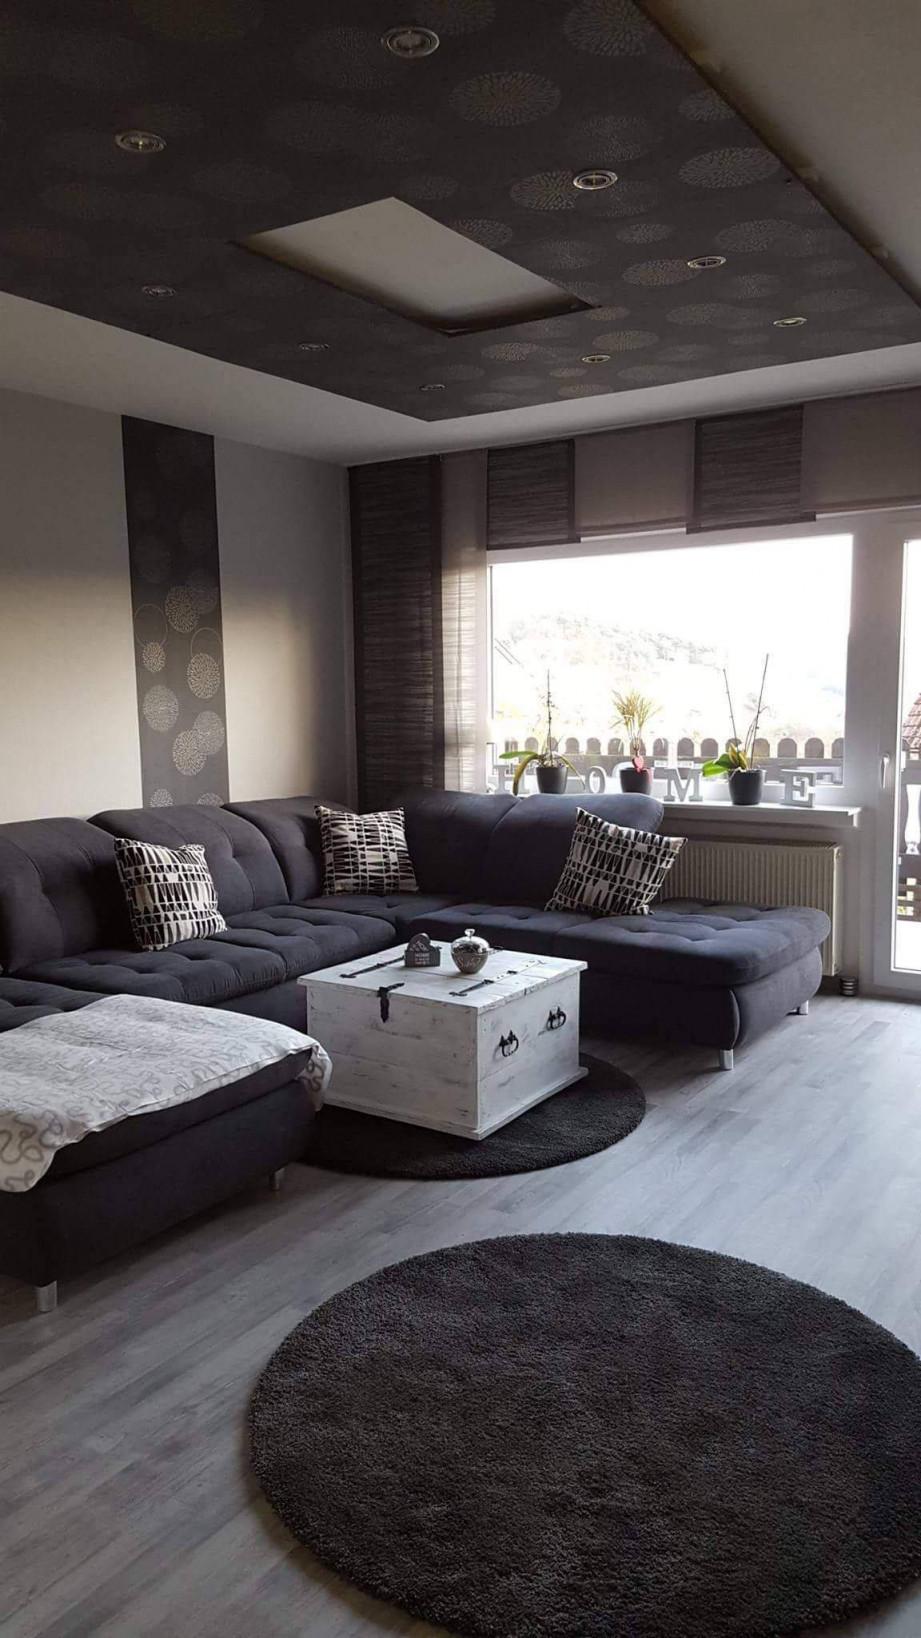 Großes Wohnzimmer Einrichten Reizend Wohnzimmer Ideen Grau von Großes Wohnzimmer Ideen Photo